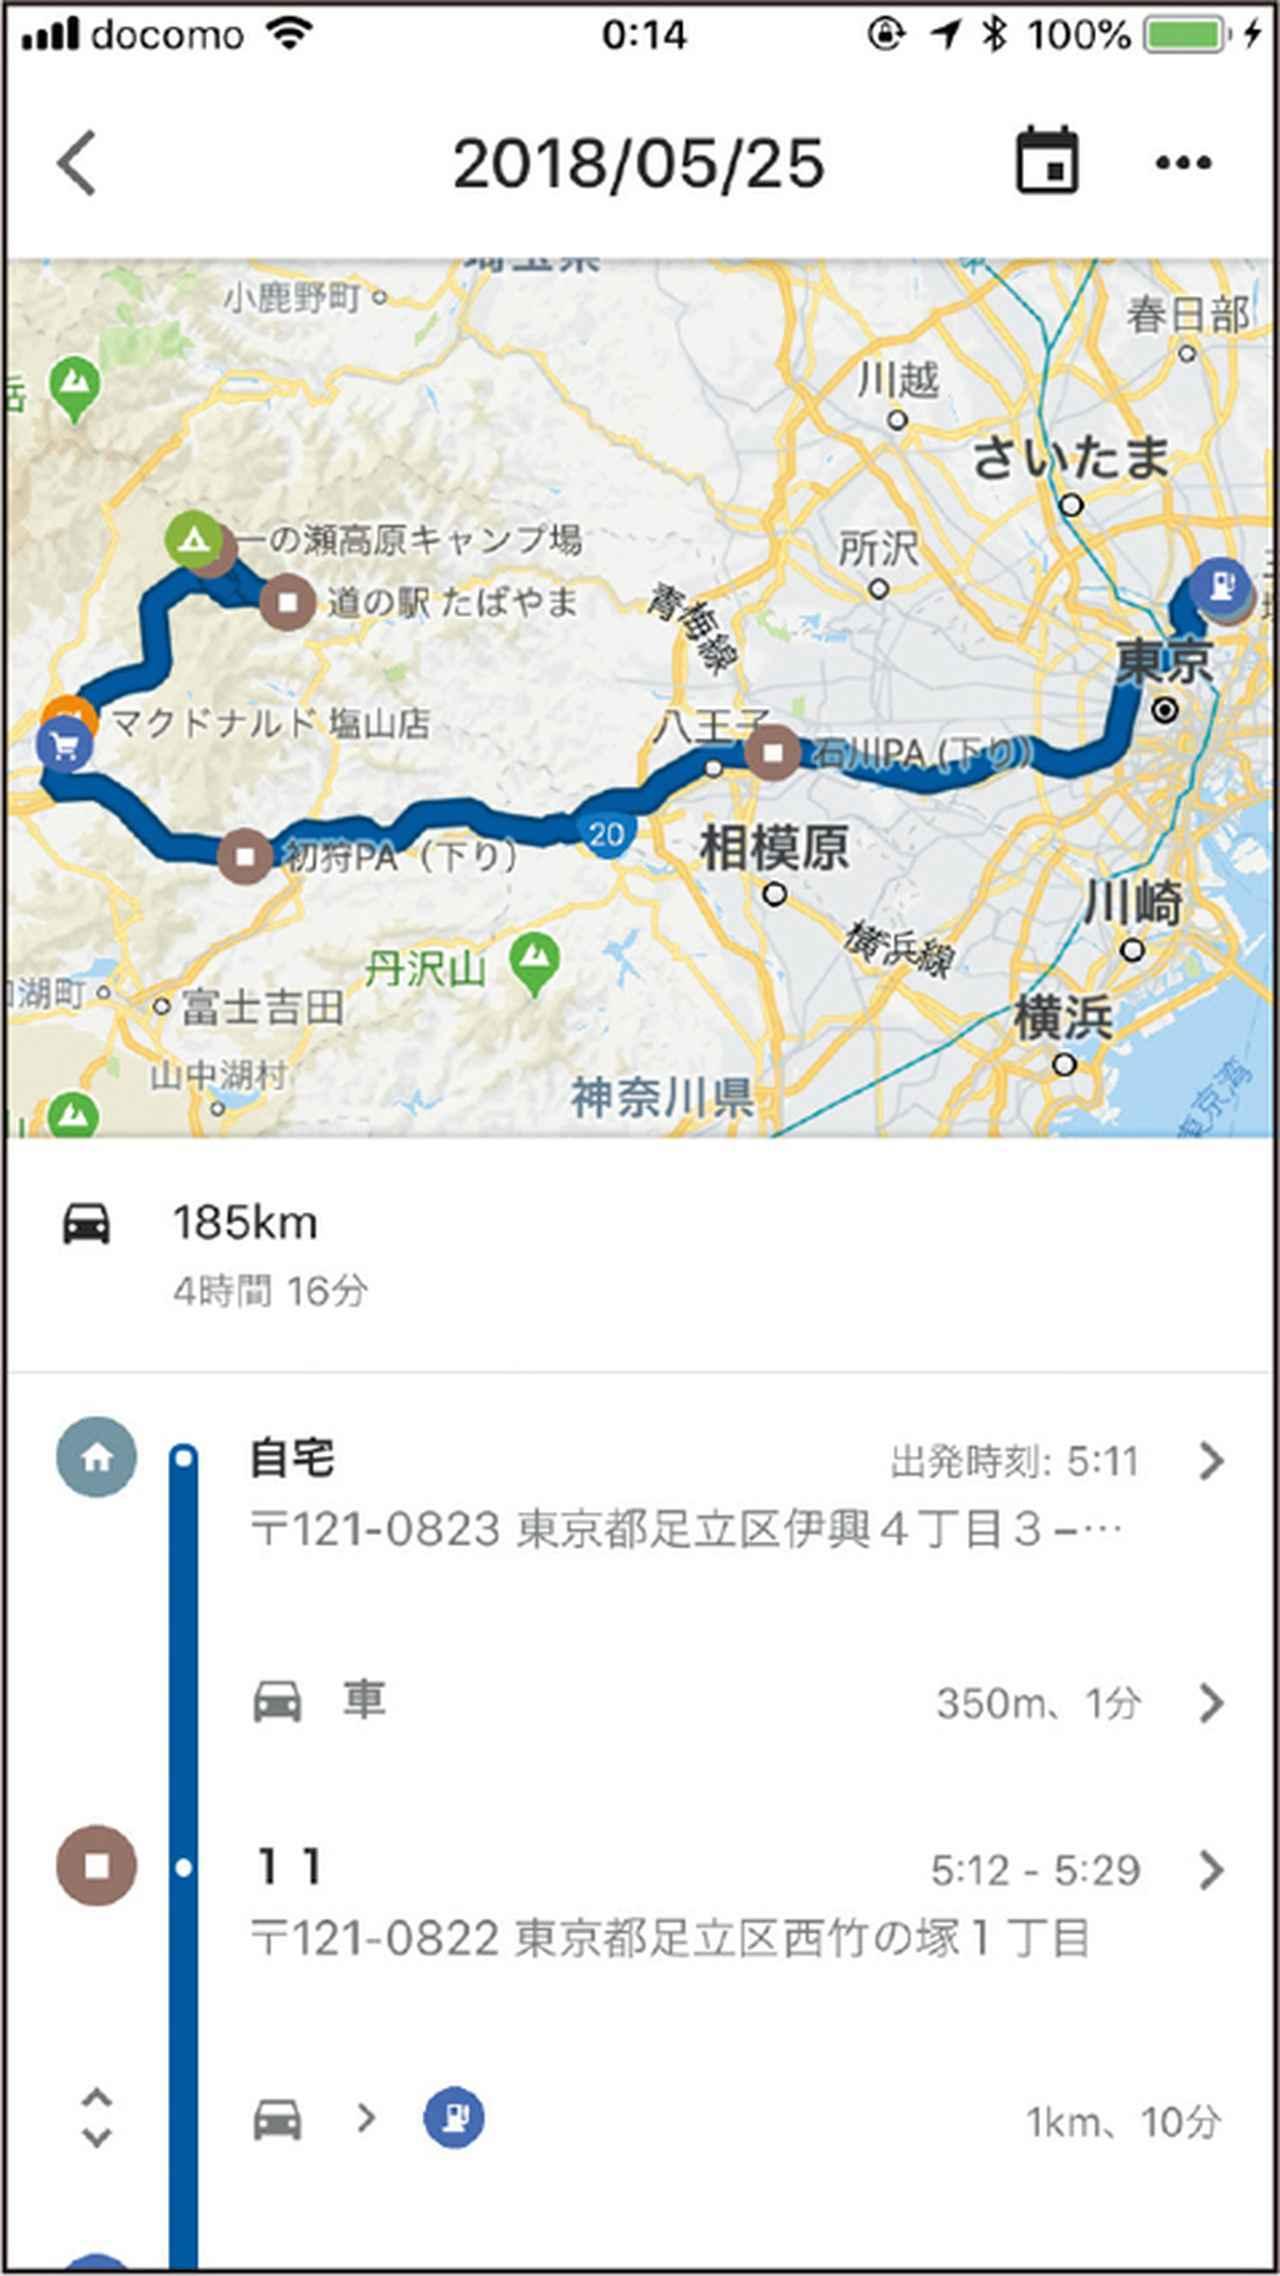 画像: 画面の上半分を占める地図上に、指定日の移動ルートが青線で示される。